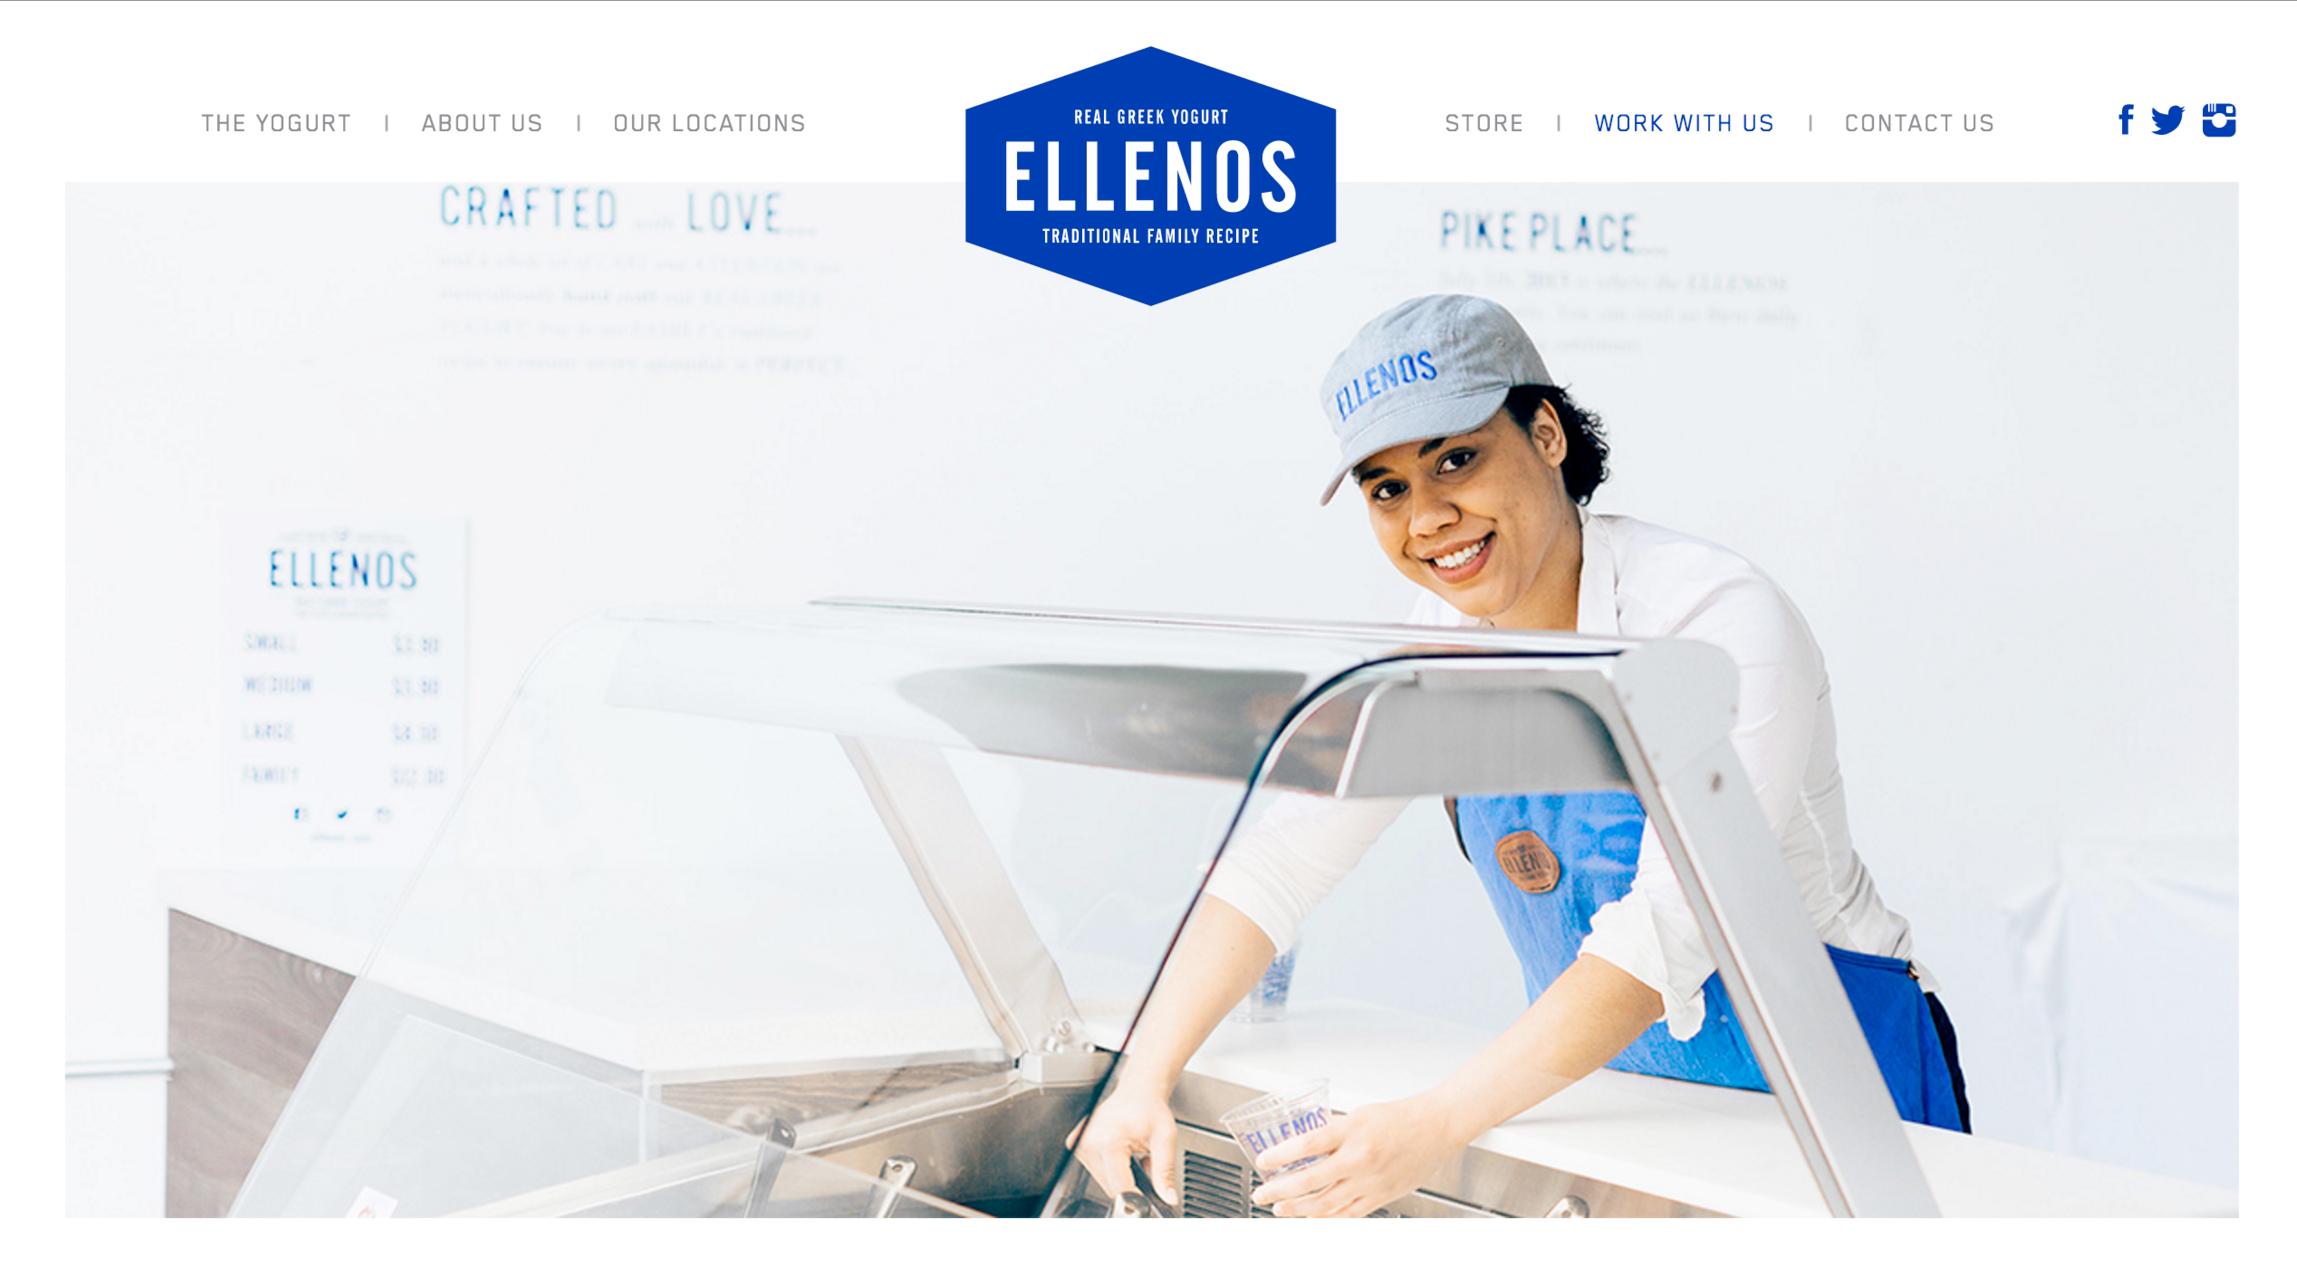 ELLENOS YOGURT CAMPAIGN | Glasfurd & Walker — Haris Kenjar